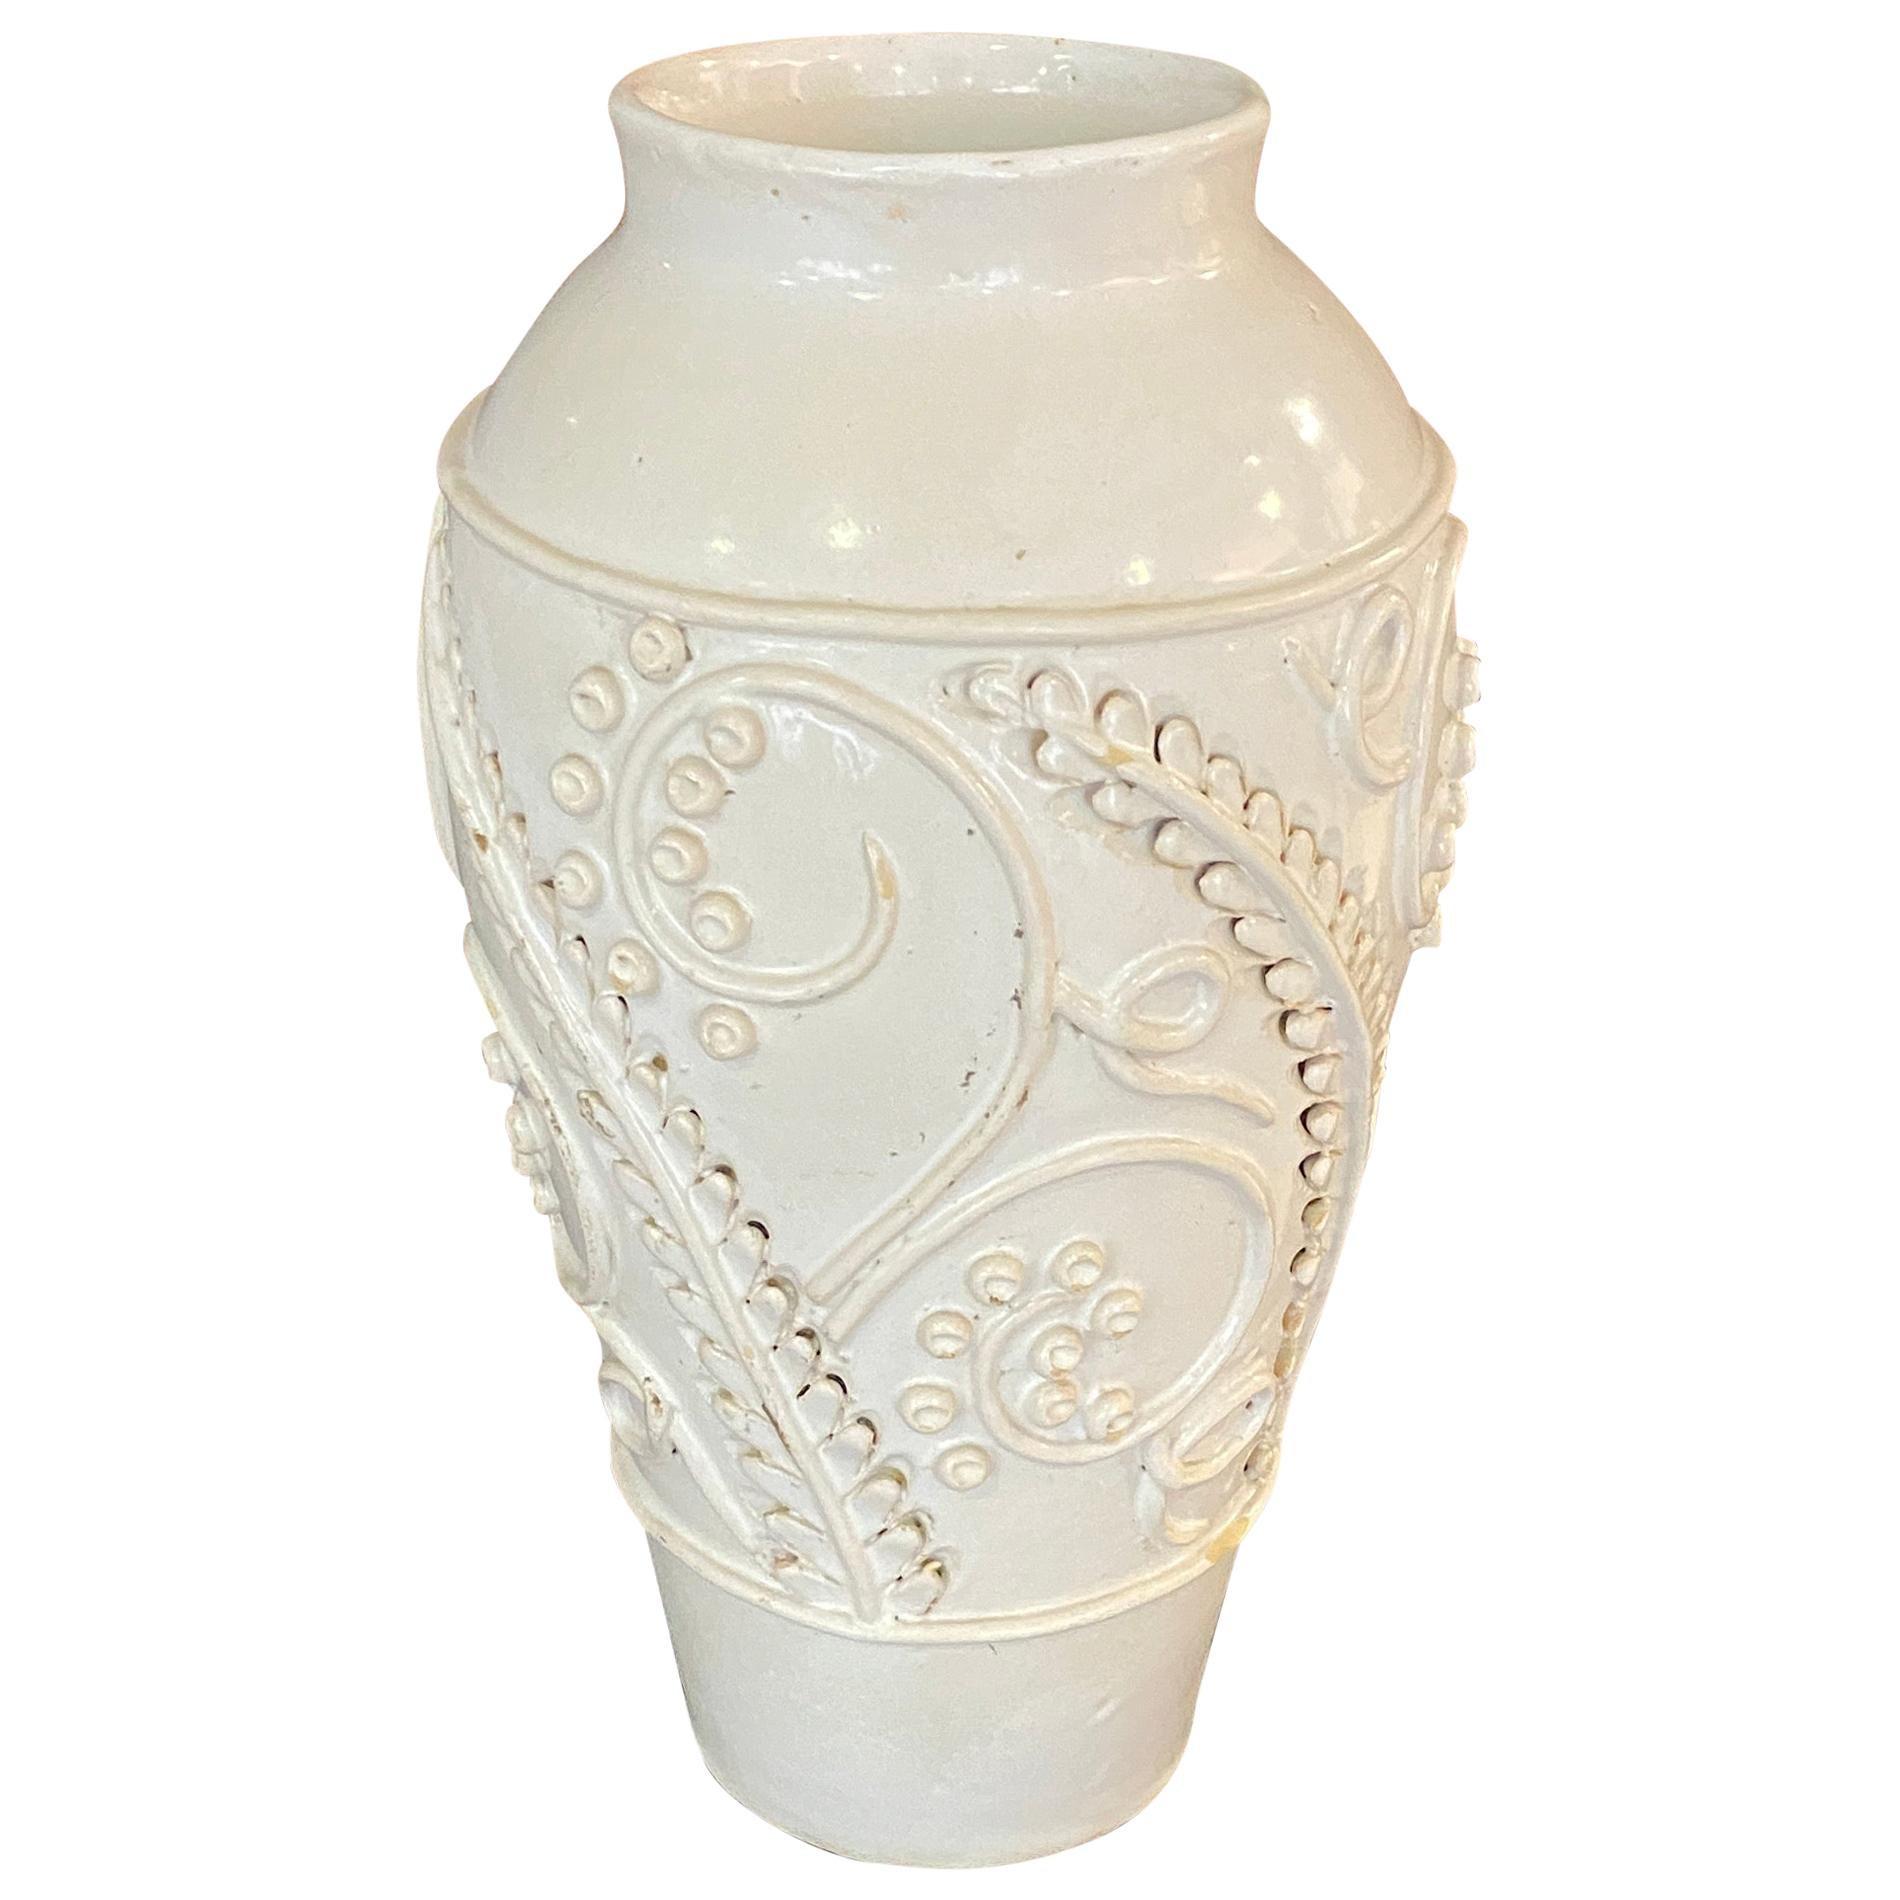 Emile Tessier Art Deco Ceramic Vase, Malicorne, circa 1930-1950